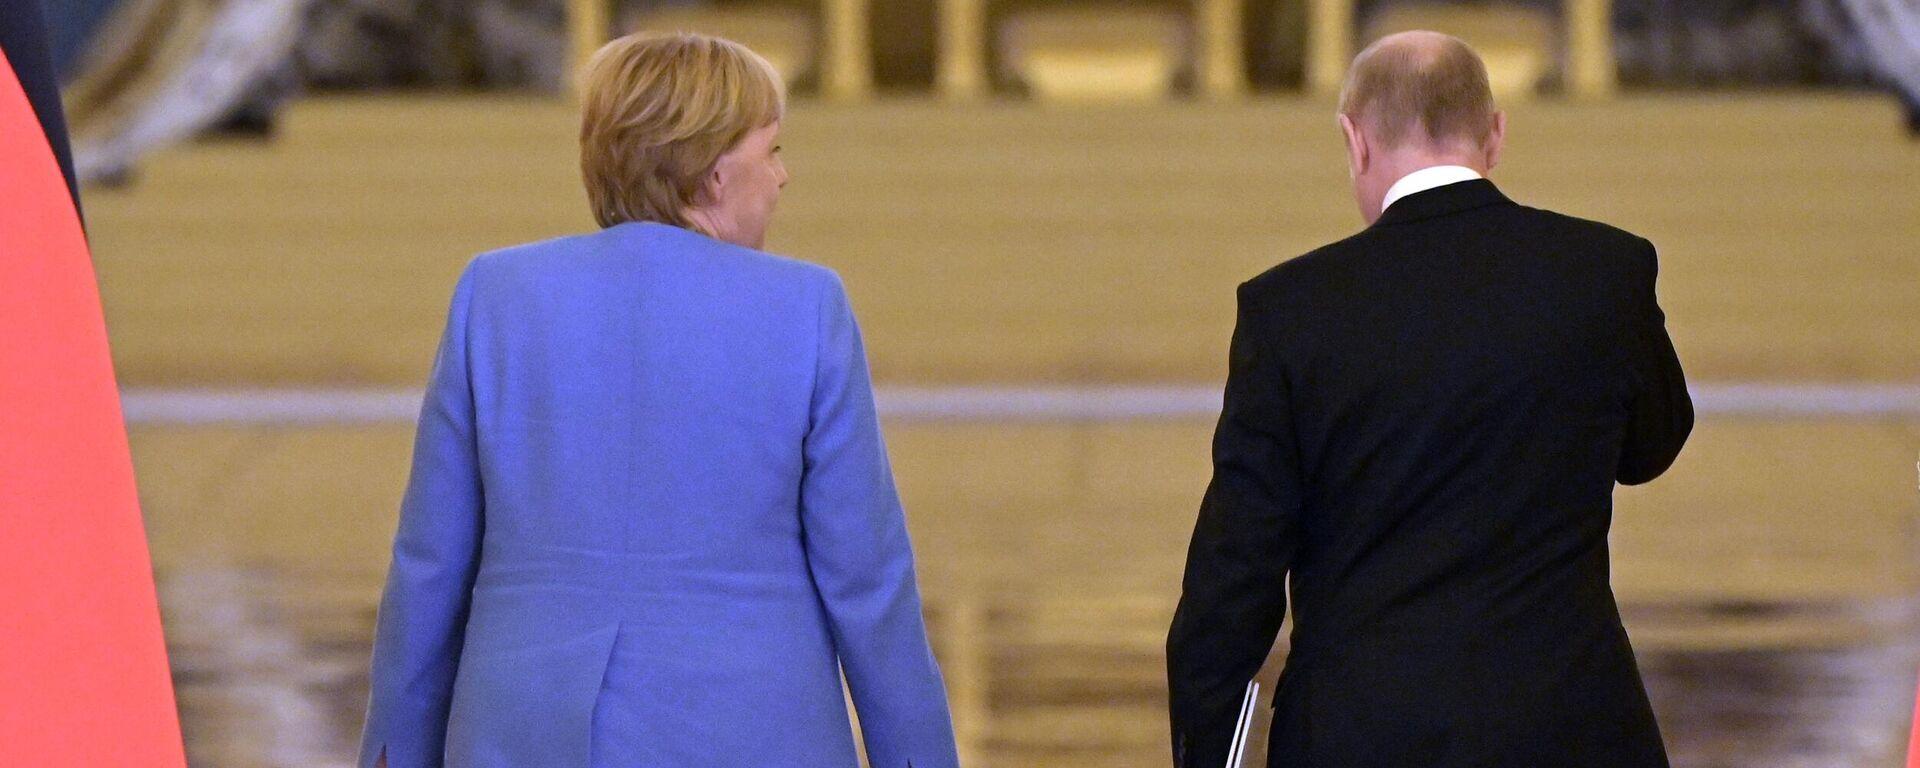 Федеральный канцлер Германии Ангела Меркель и президент РФ Владимир Путин после совместной пресс-конференции по итогам встречи в Москве - Sputnik Латвия, 1920, 23.08.2021